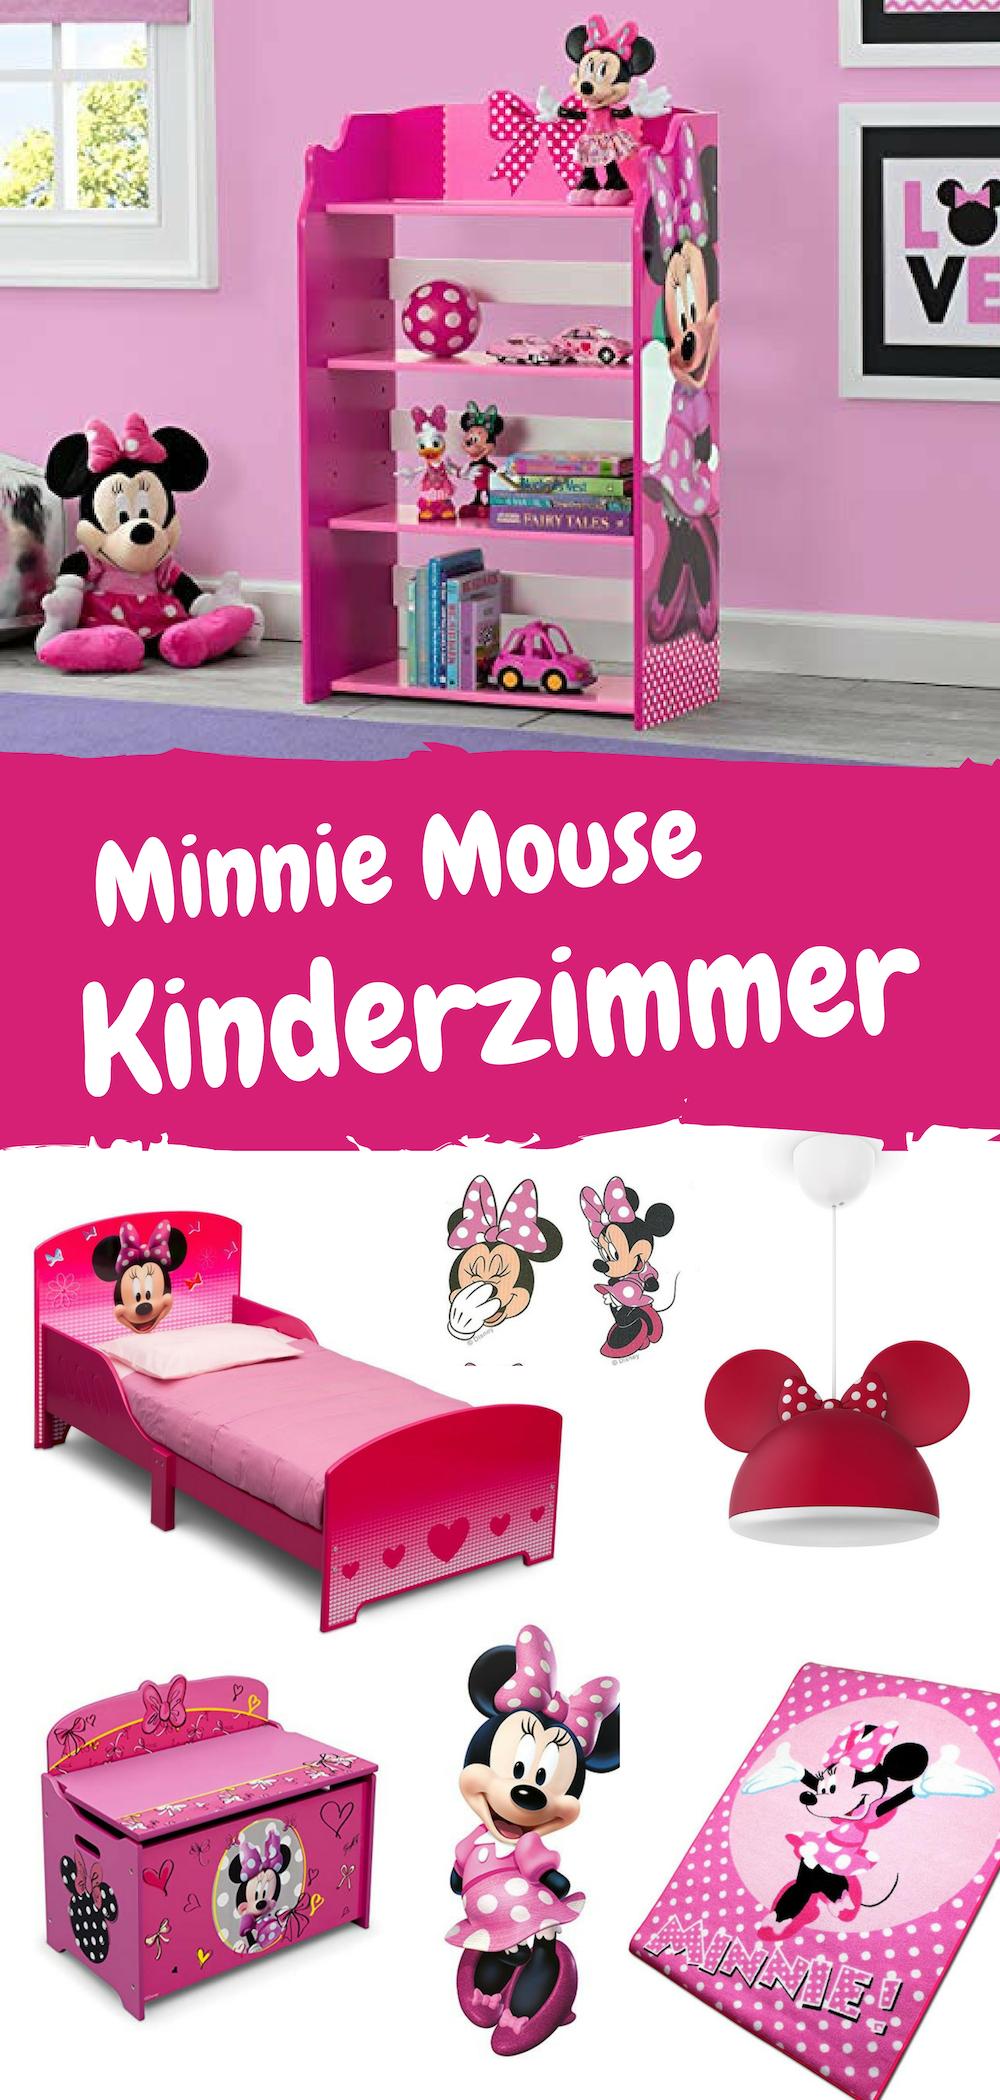 Kinderzimmer Ideen für Mickey und Minnie Mouse Fans. Vom